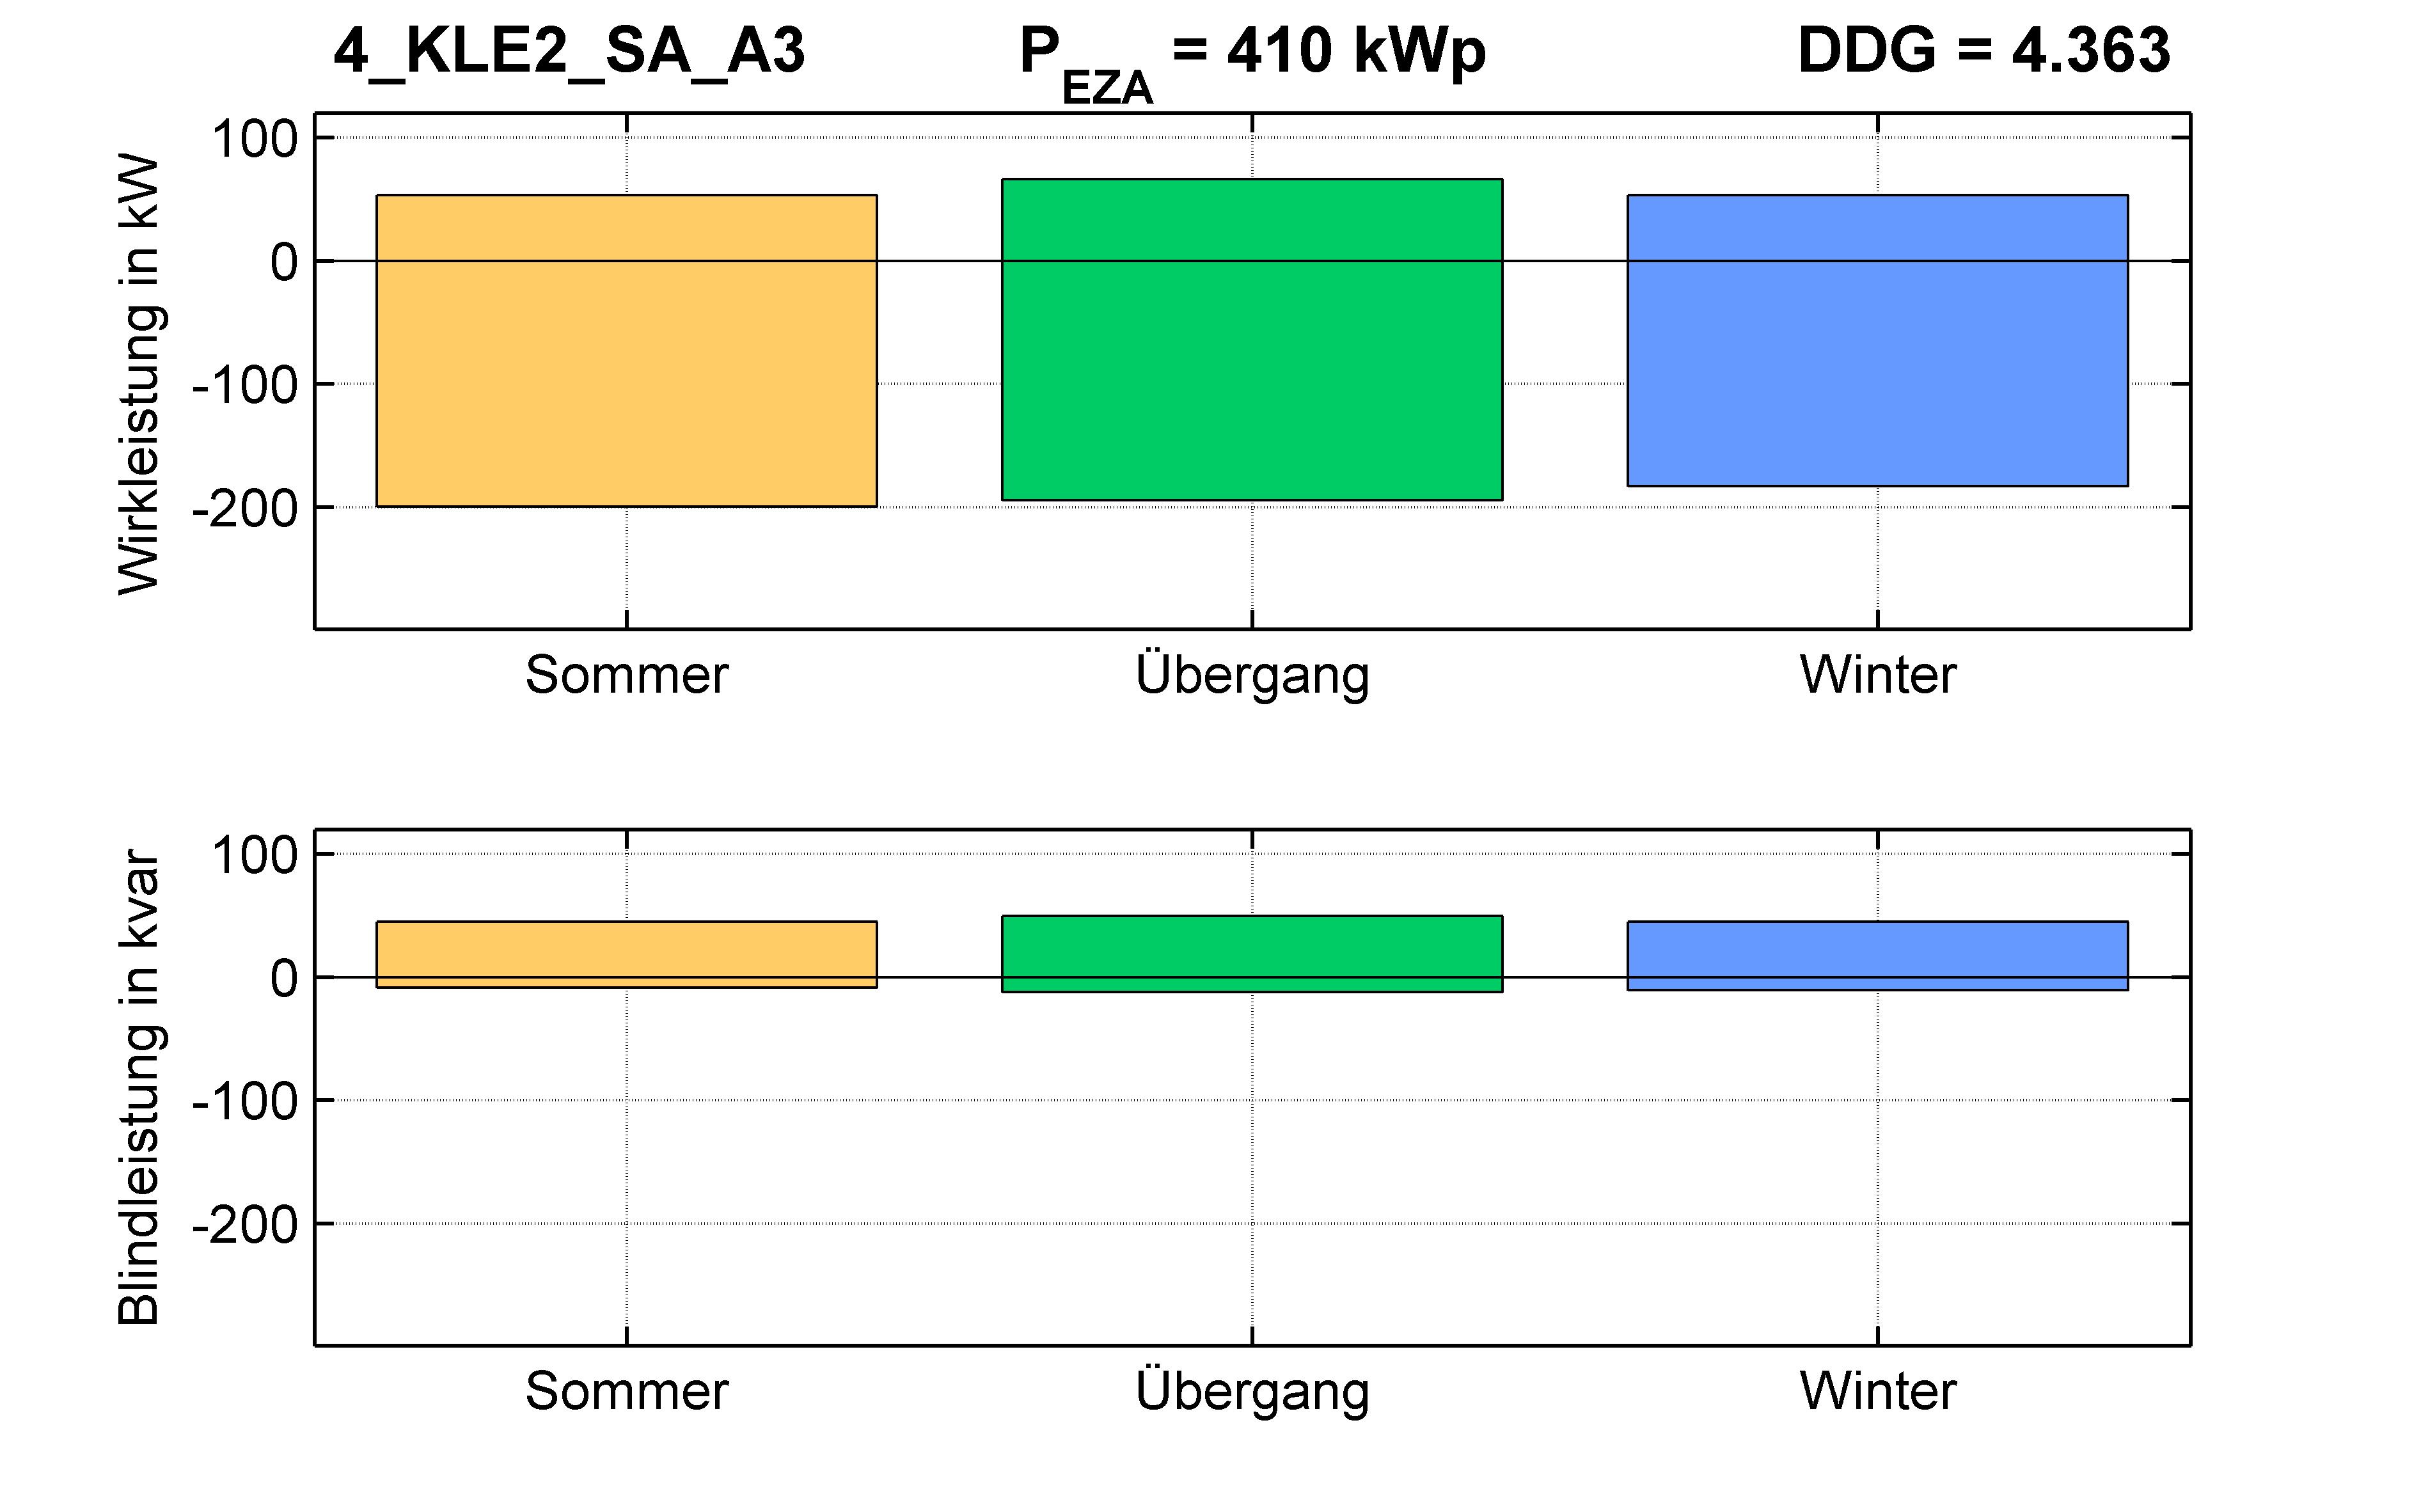 KLE2 | P-Kappung 55% (SA) A3 | PQ-Bilanz